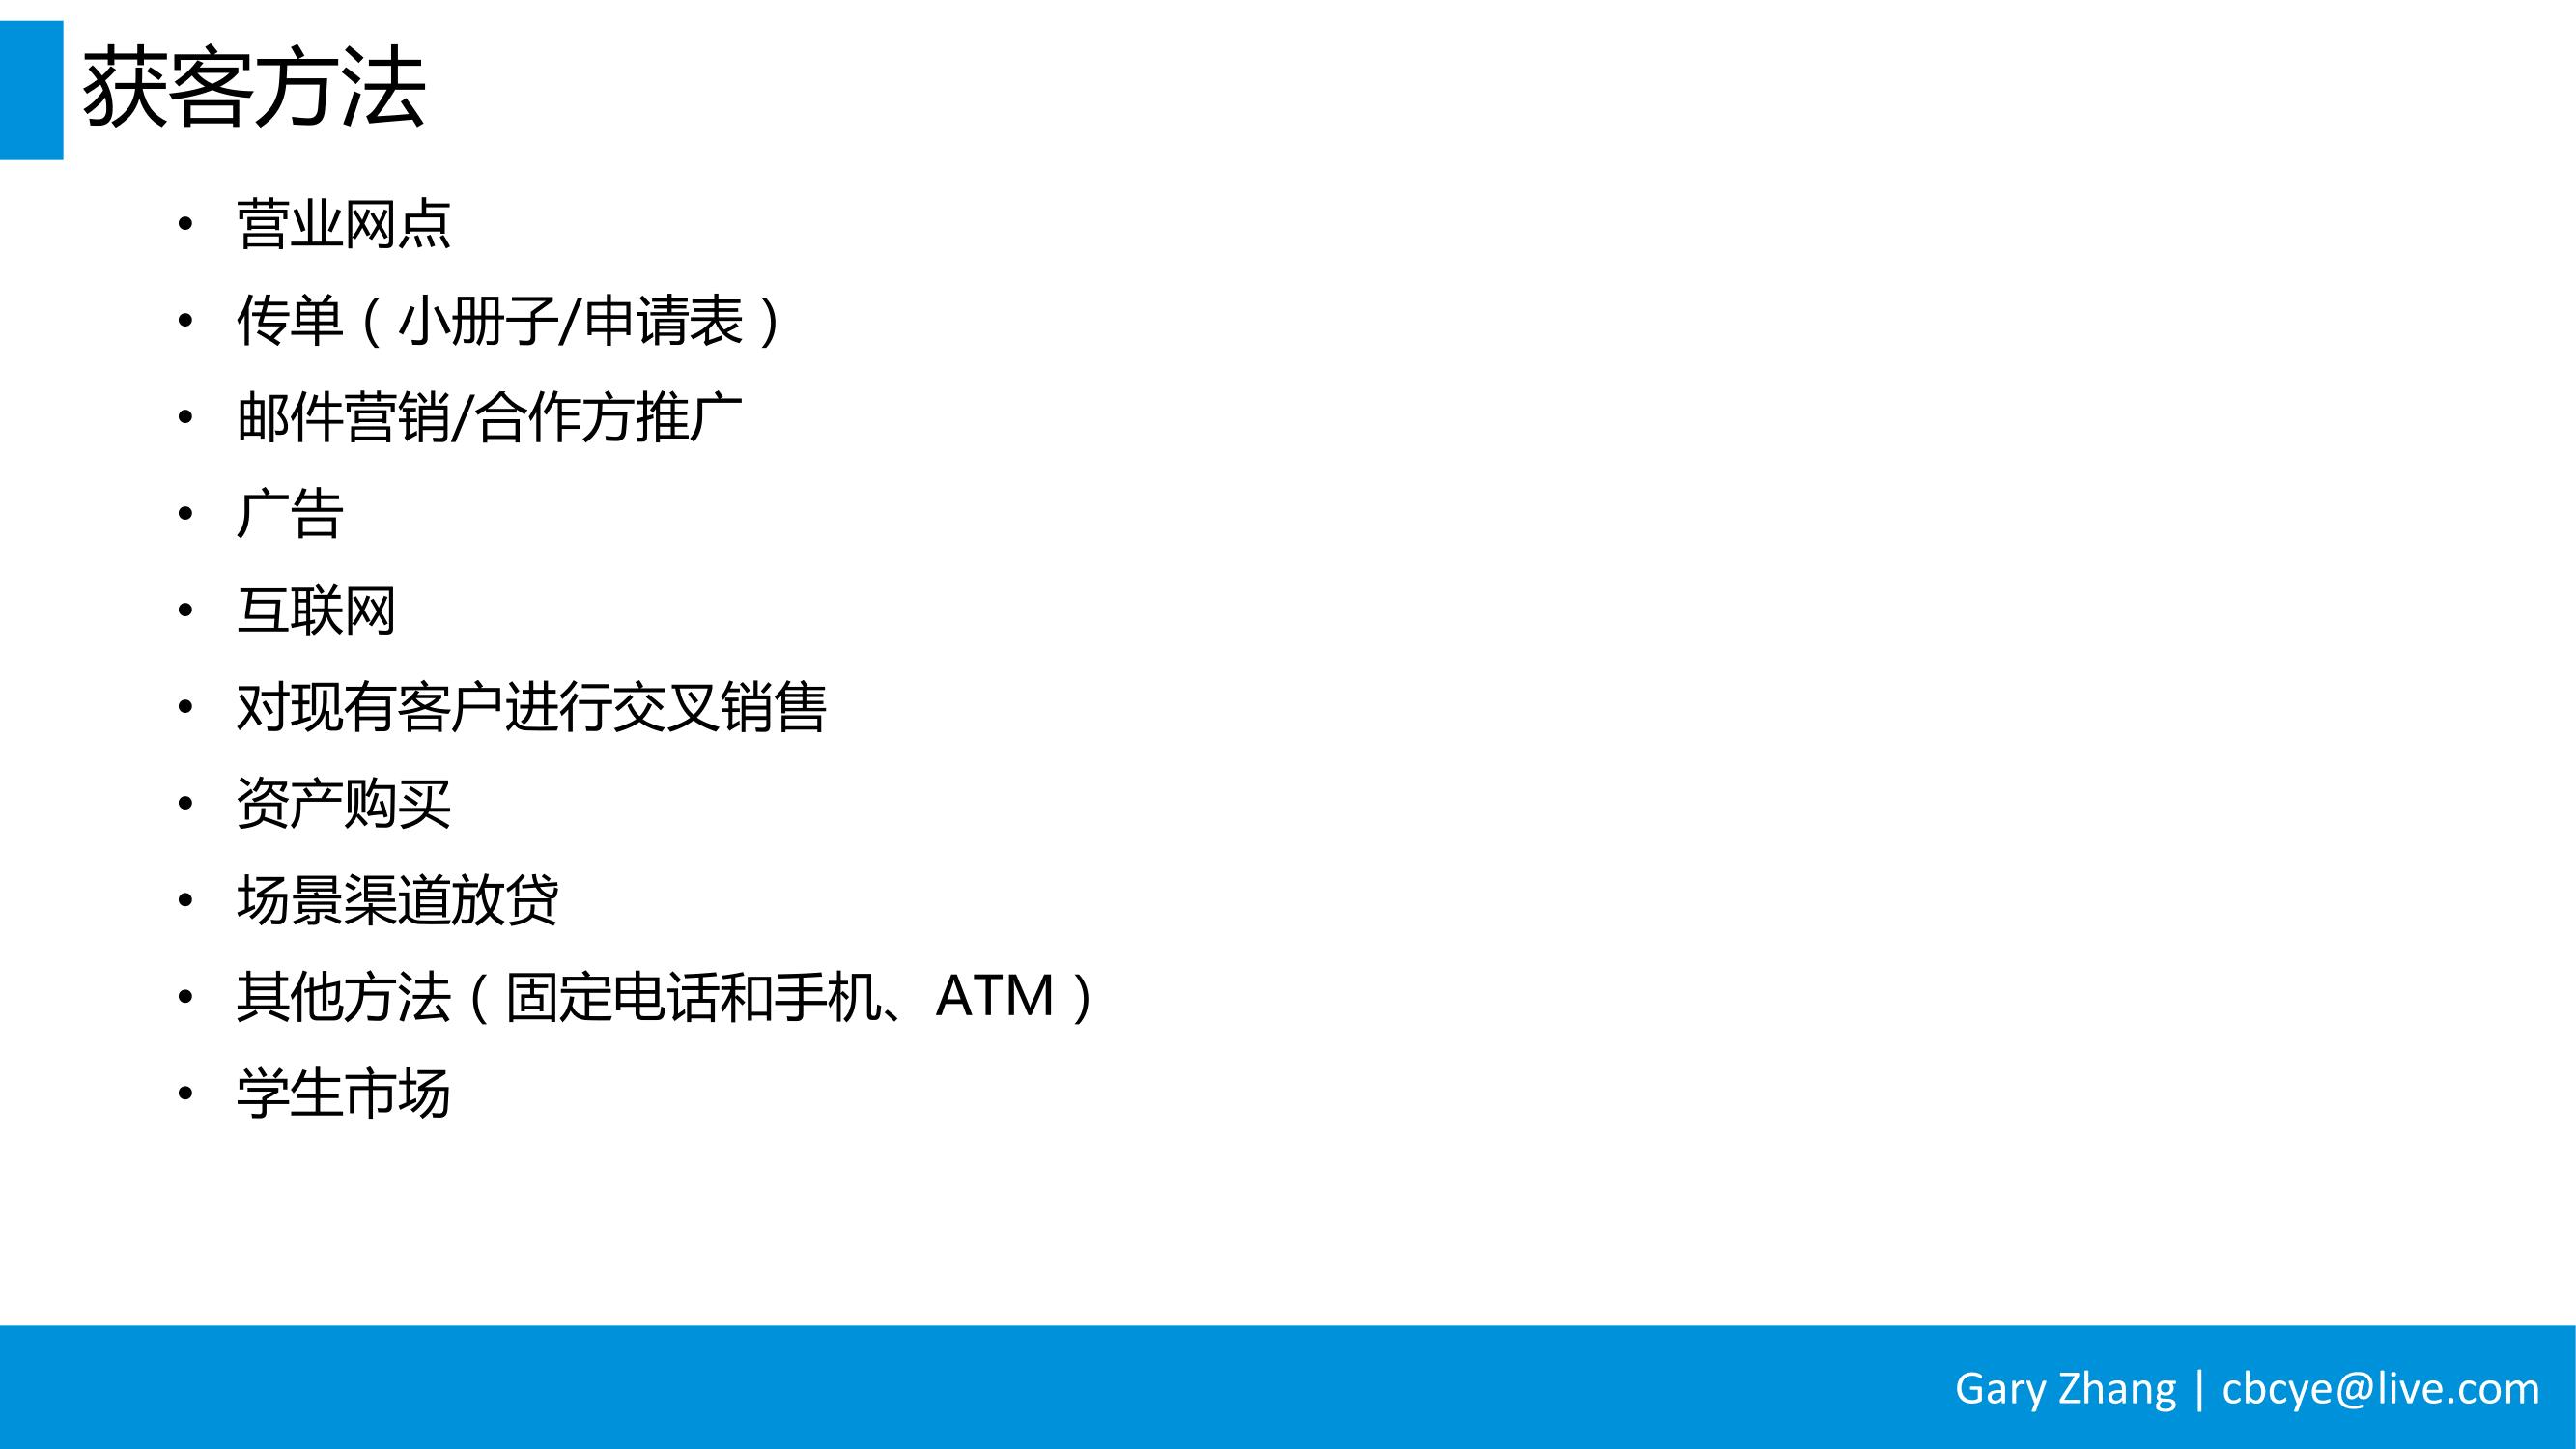 消费金融业务全流程指南_v1.0-036